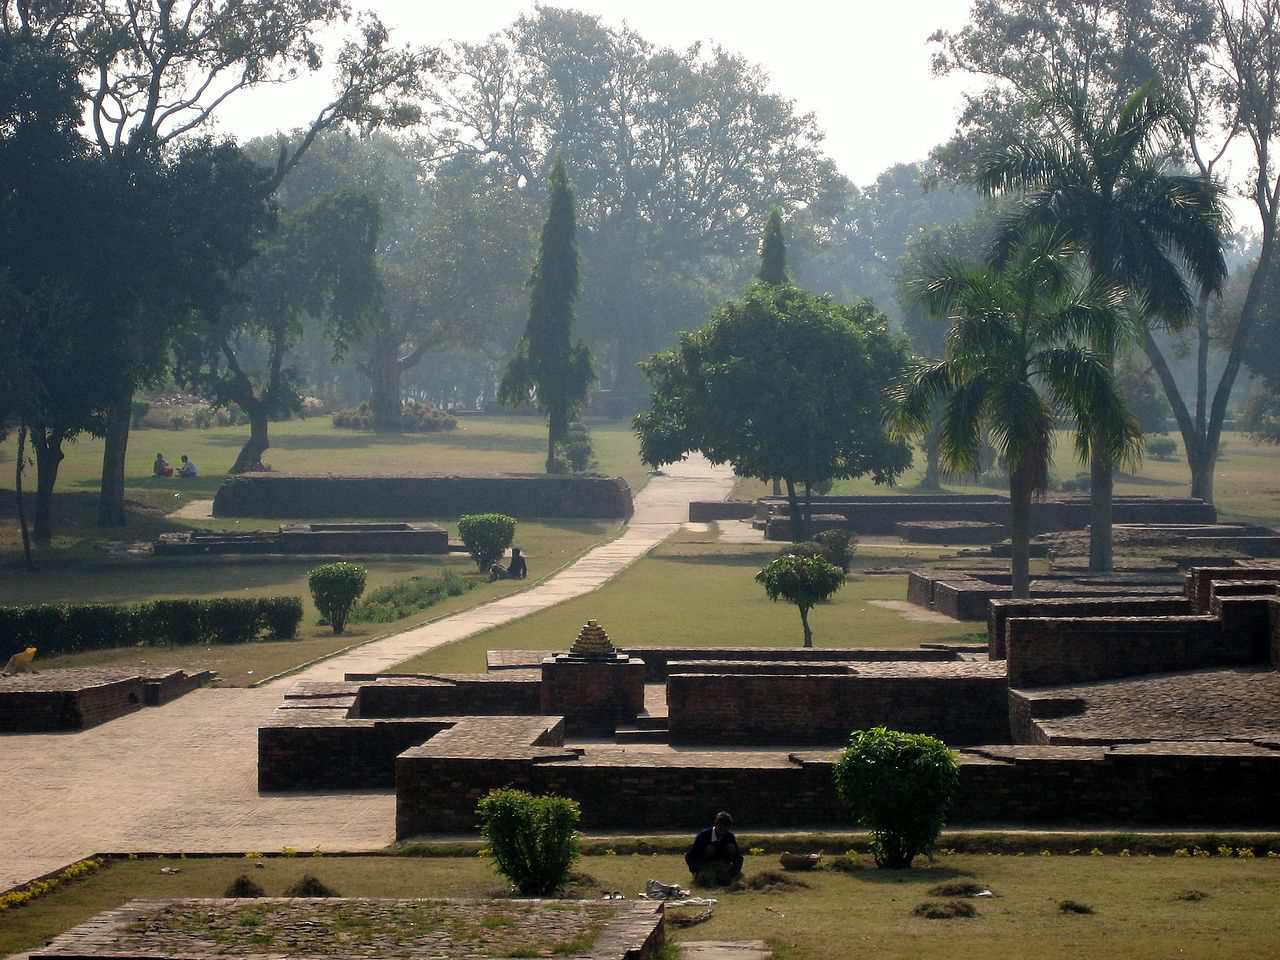 Ruins in Sravasti, India.